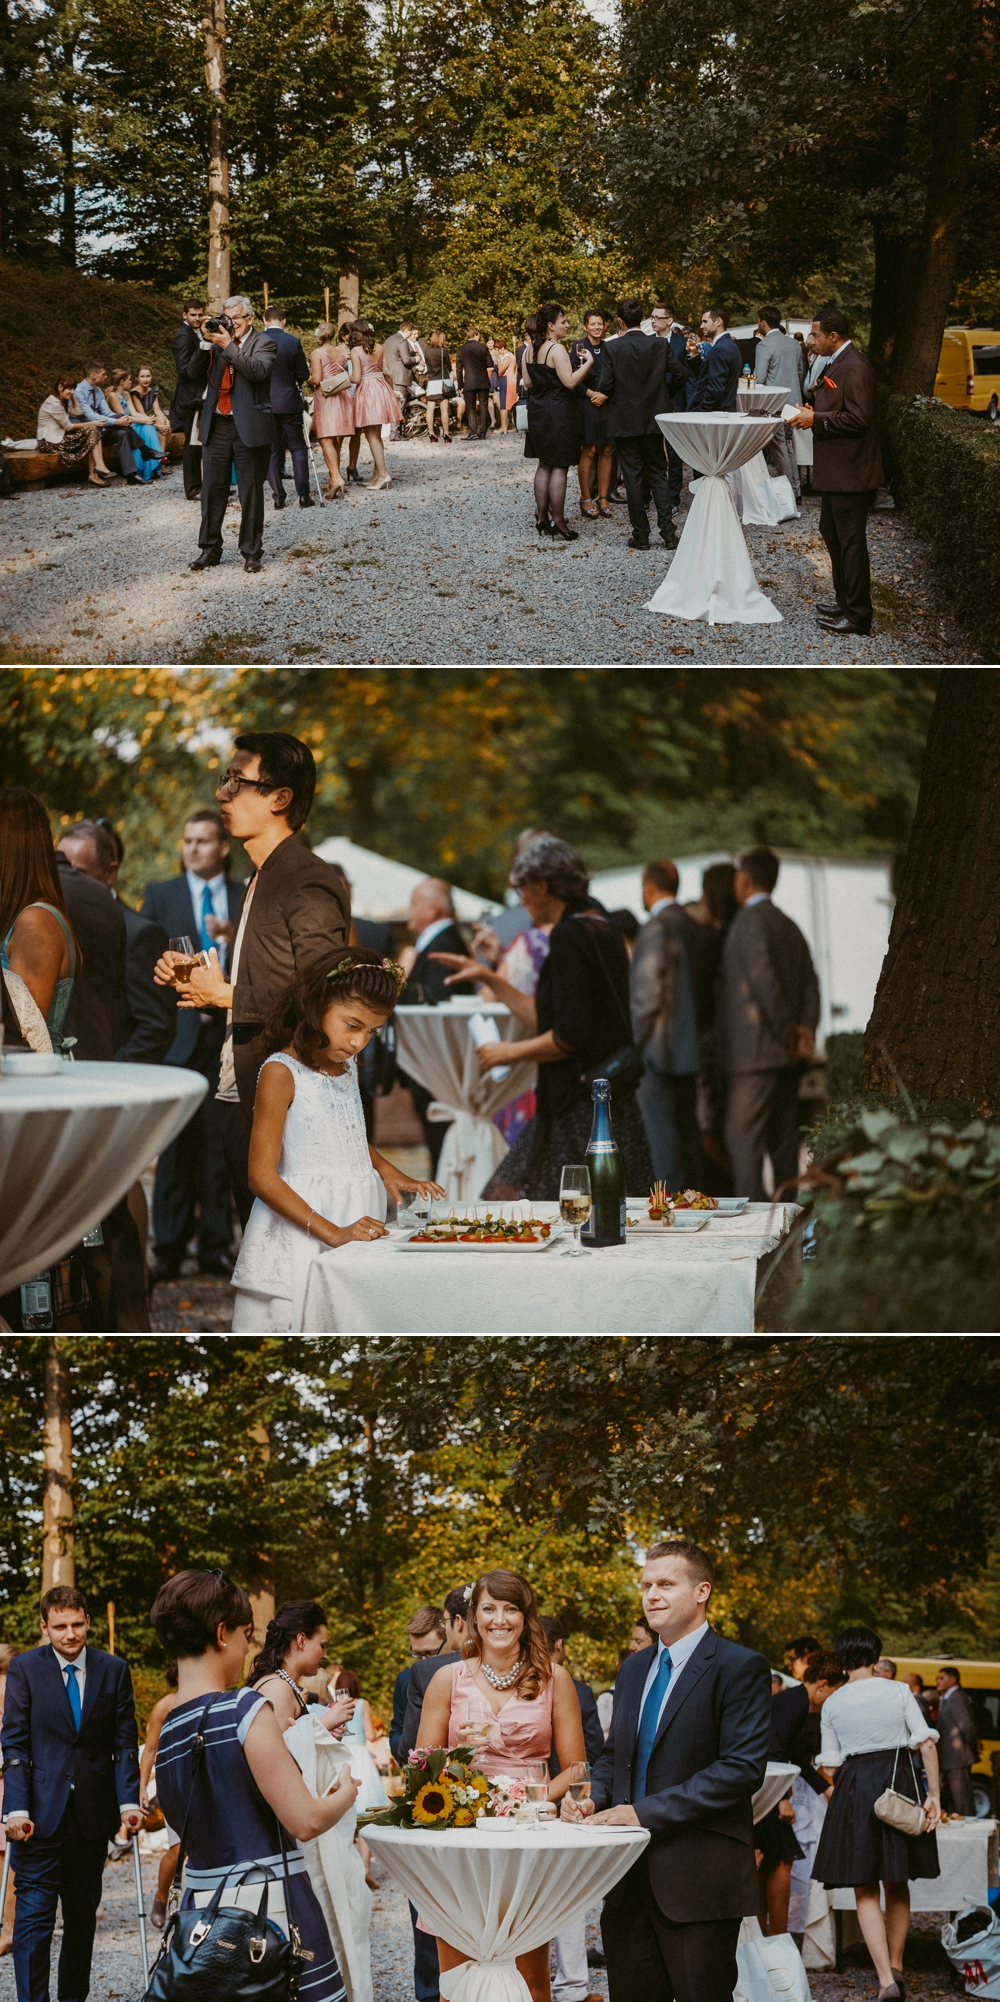 wesele na zamku w korzkwi, fotografia slubna krakow, zdjecia slubne krakow